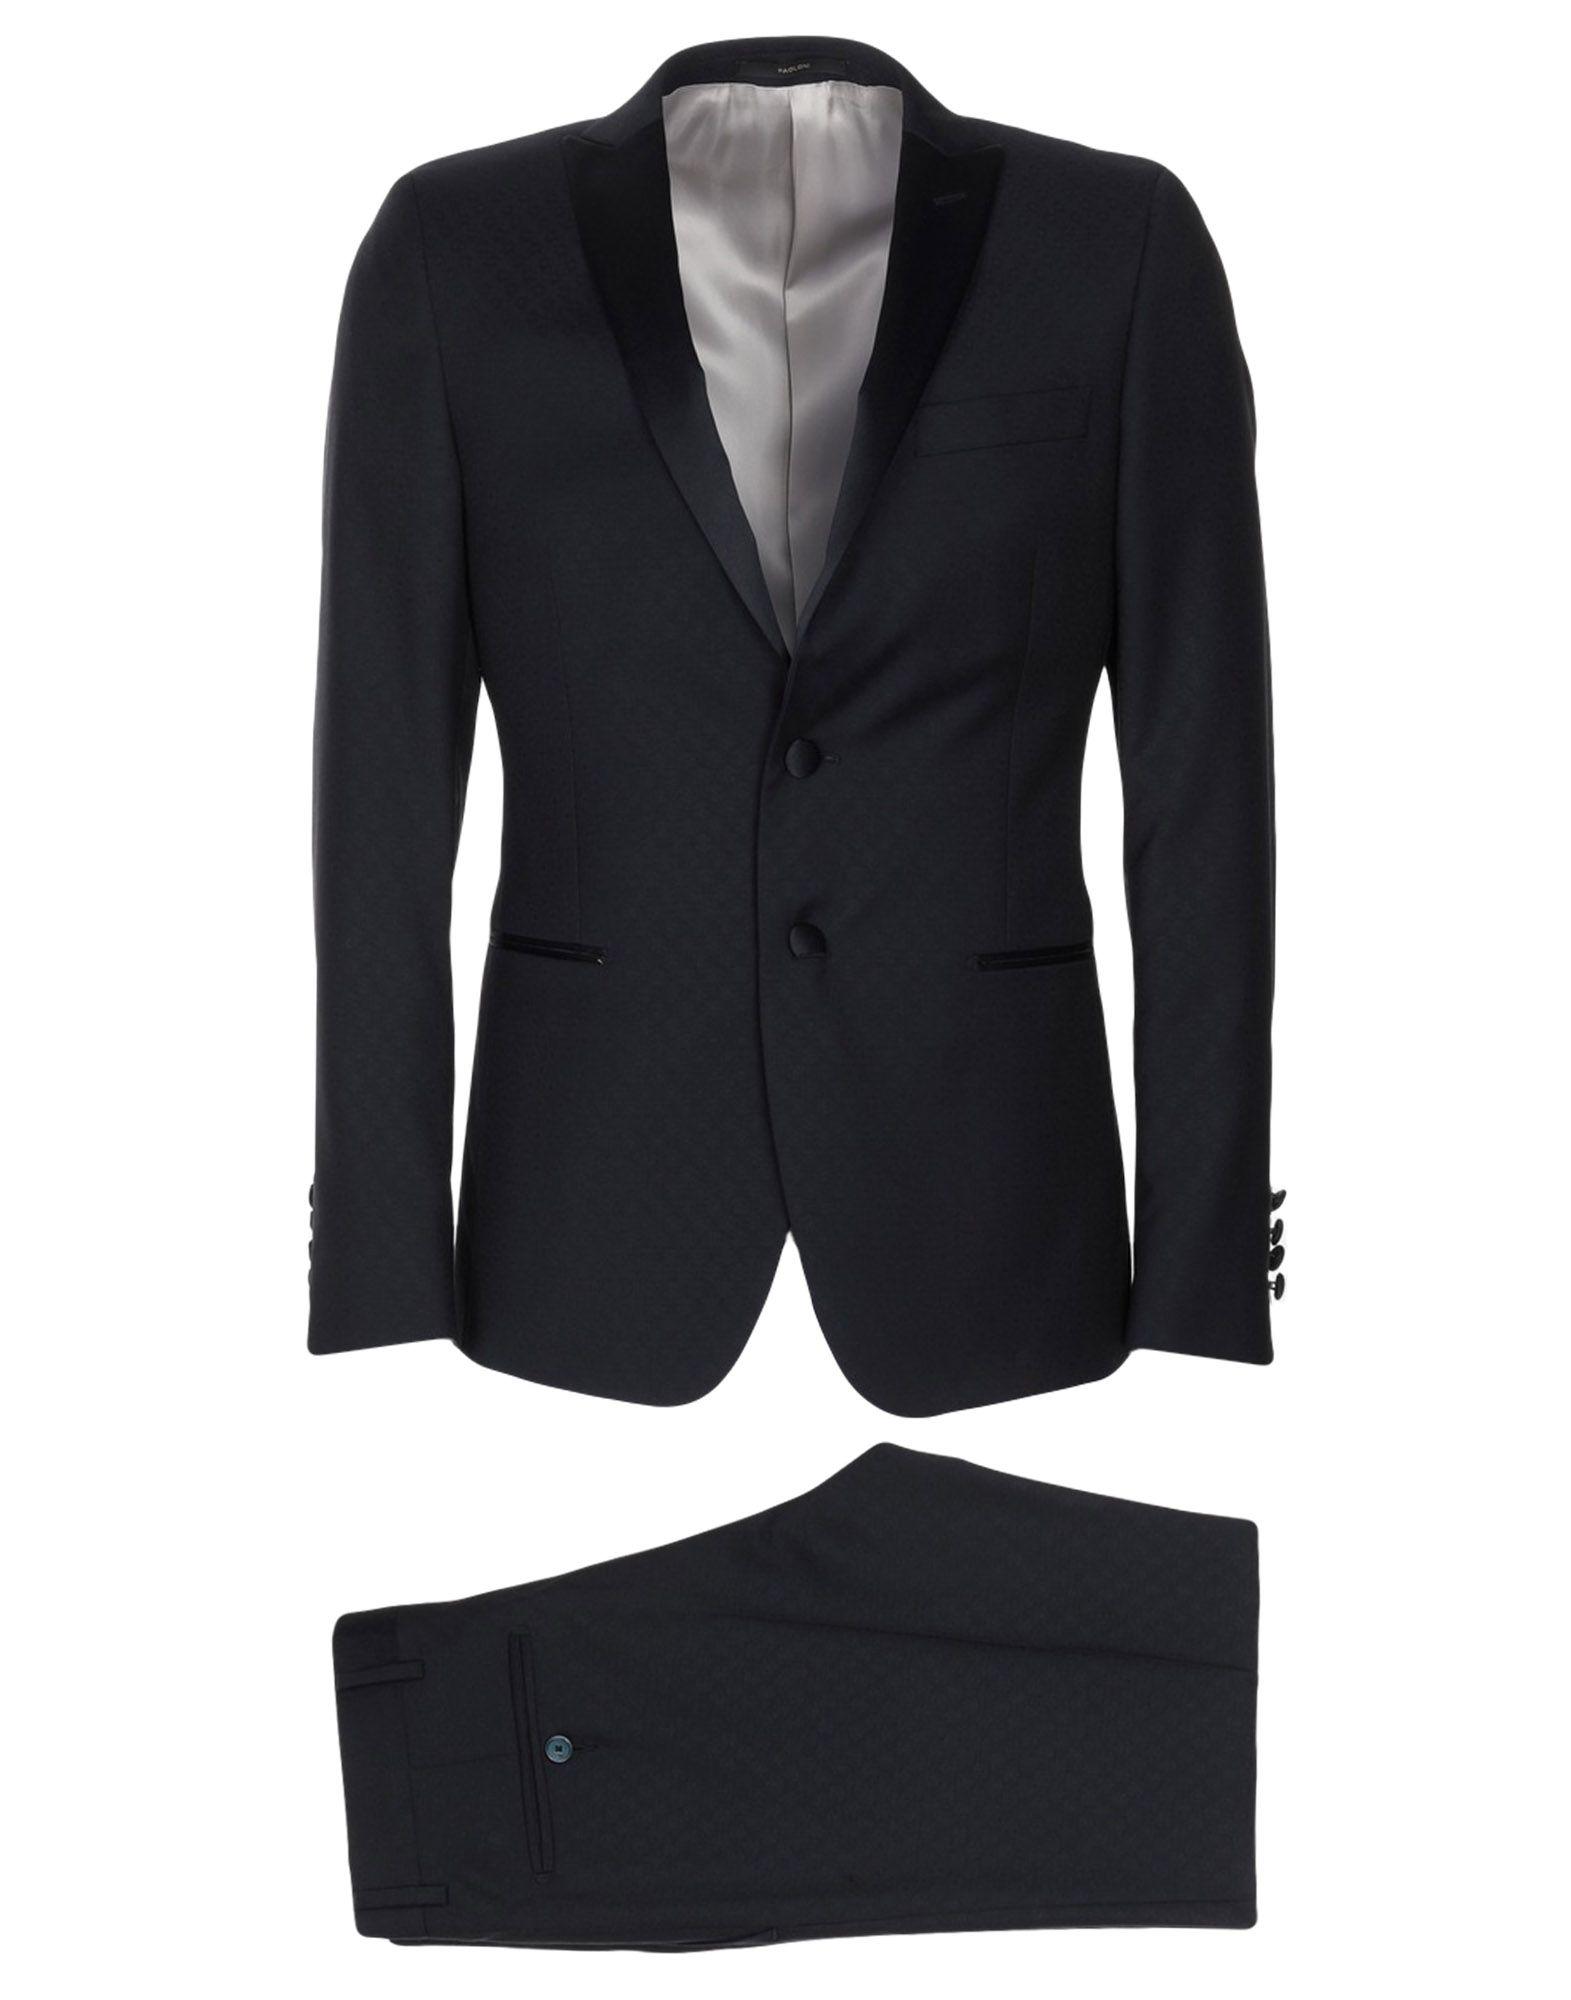 《送料無料》PAOLONI メンズ スーツ ブルーグレー 46 バージンウール 100%